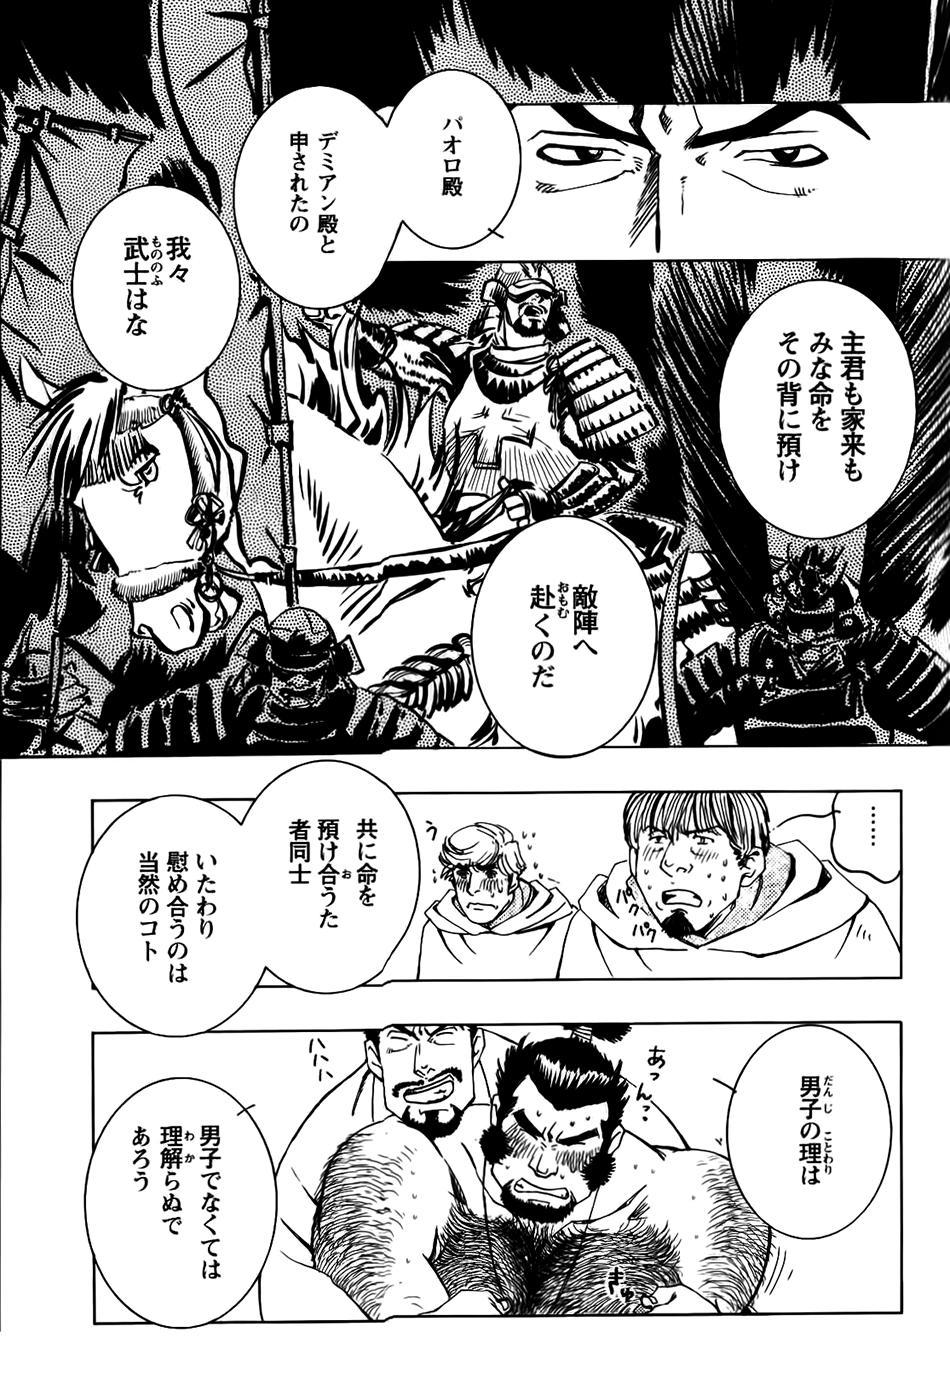 Nobunaga's lotion man 6